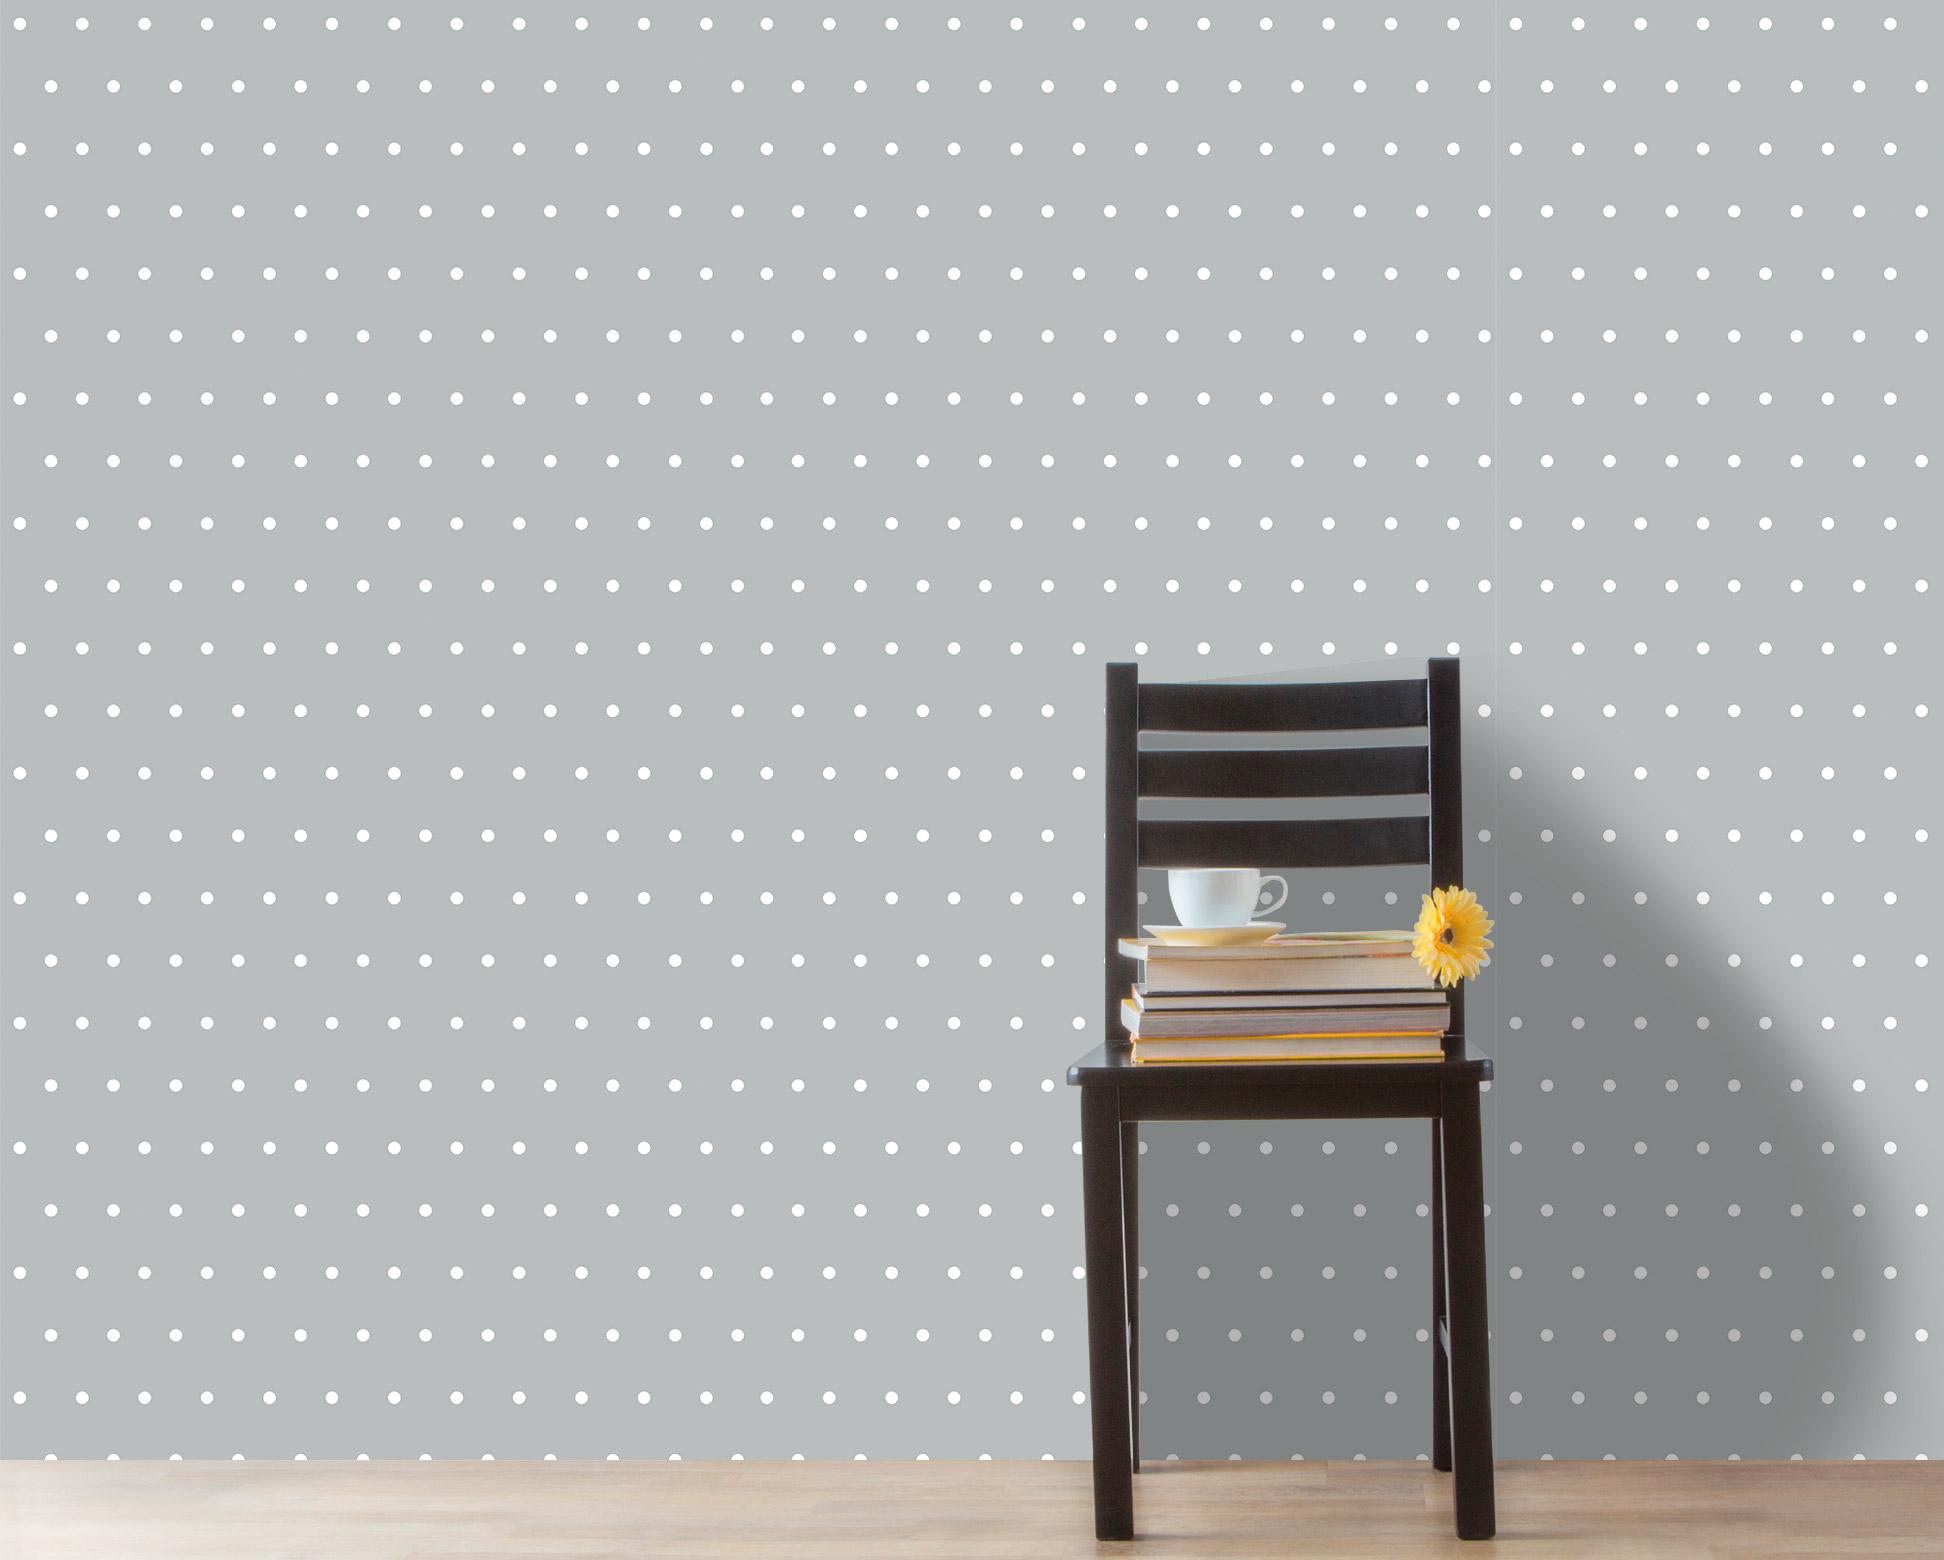 adesivo-papel-de-parede-palpite-cinza